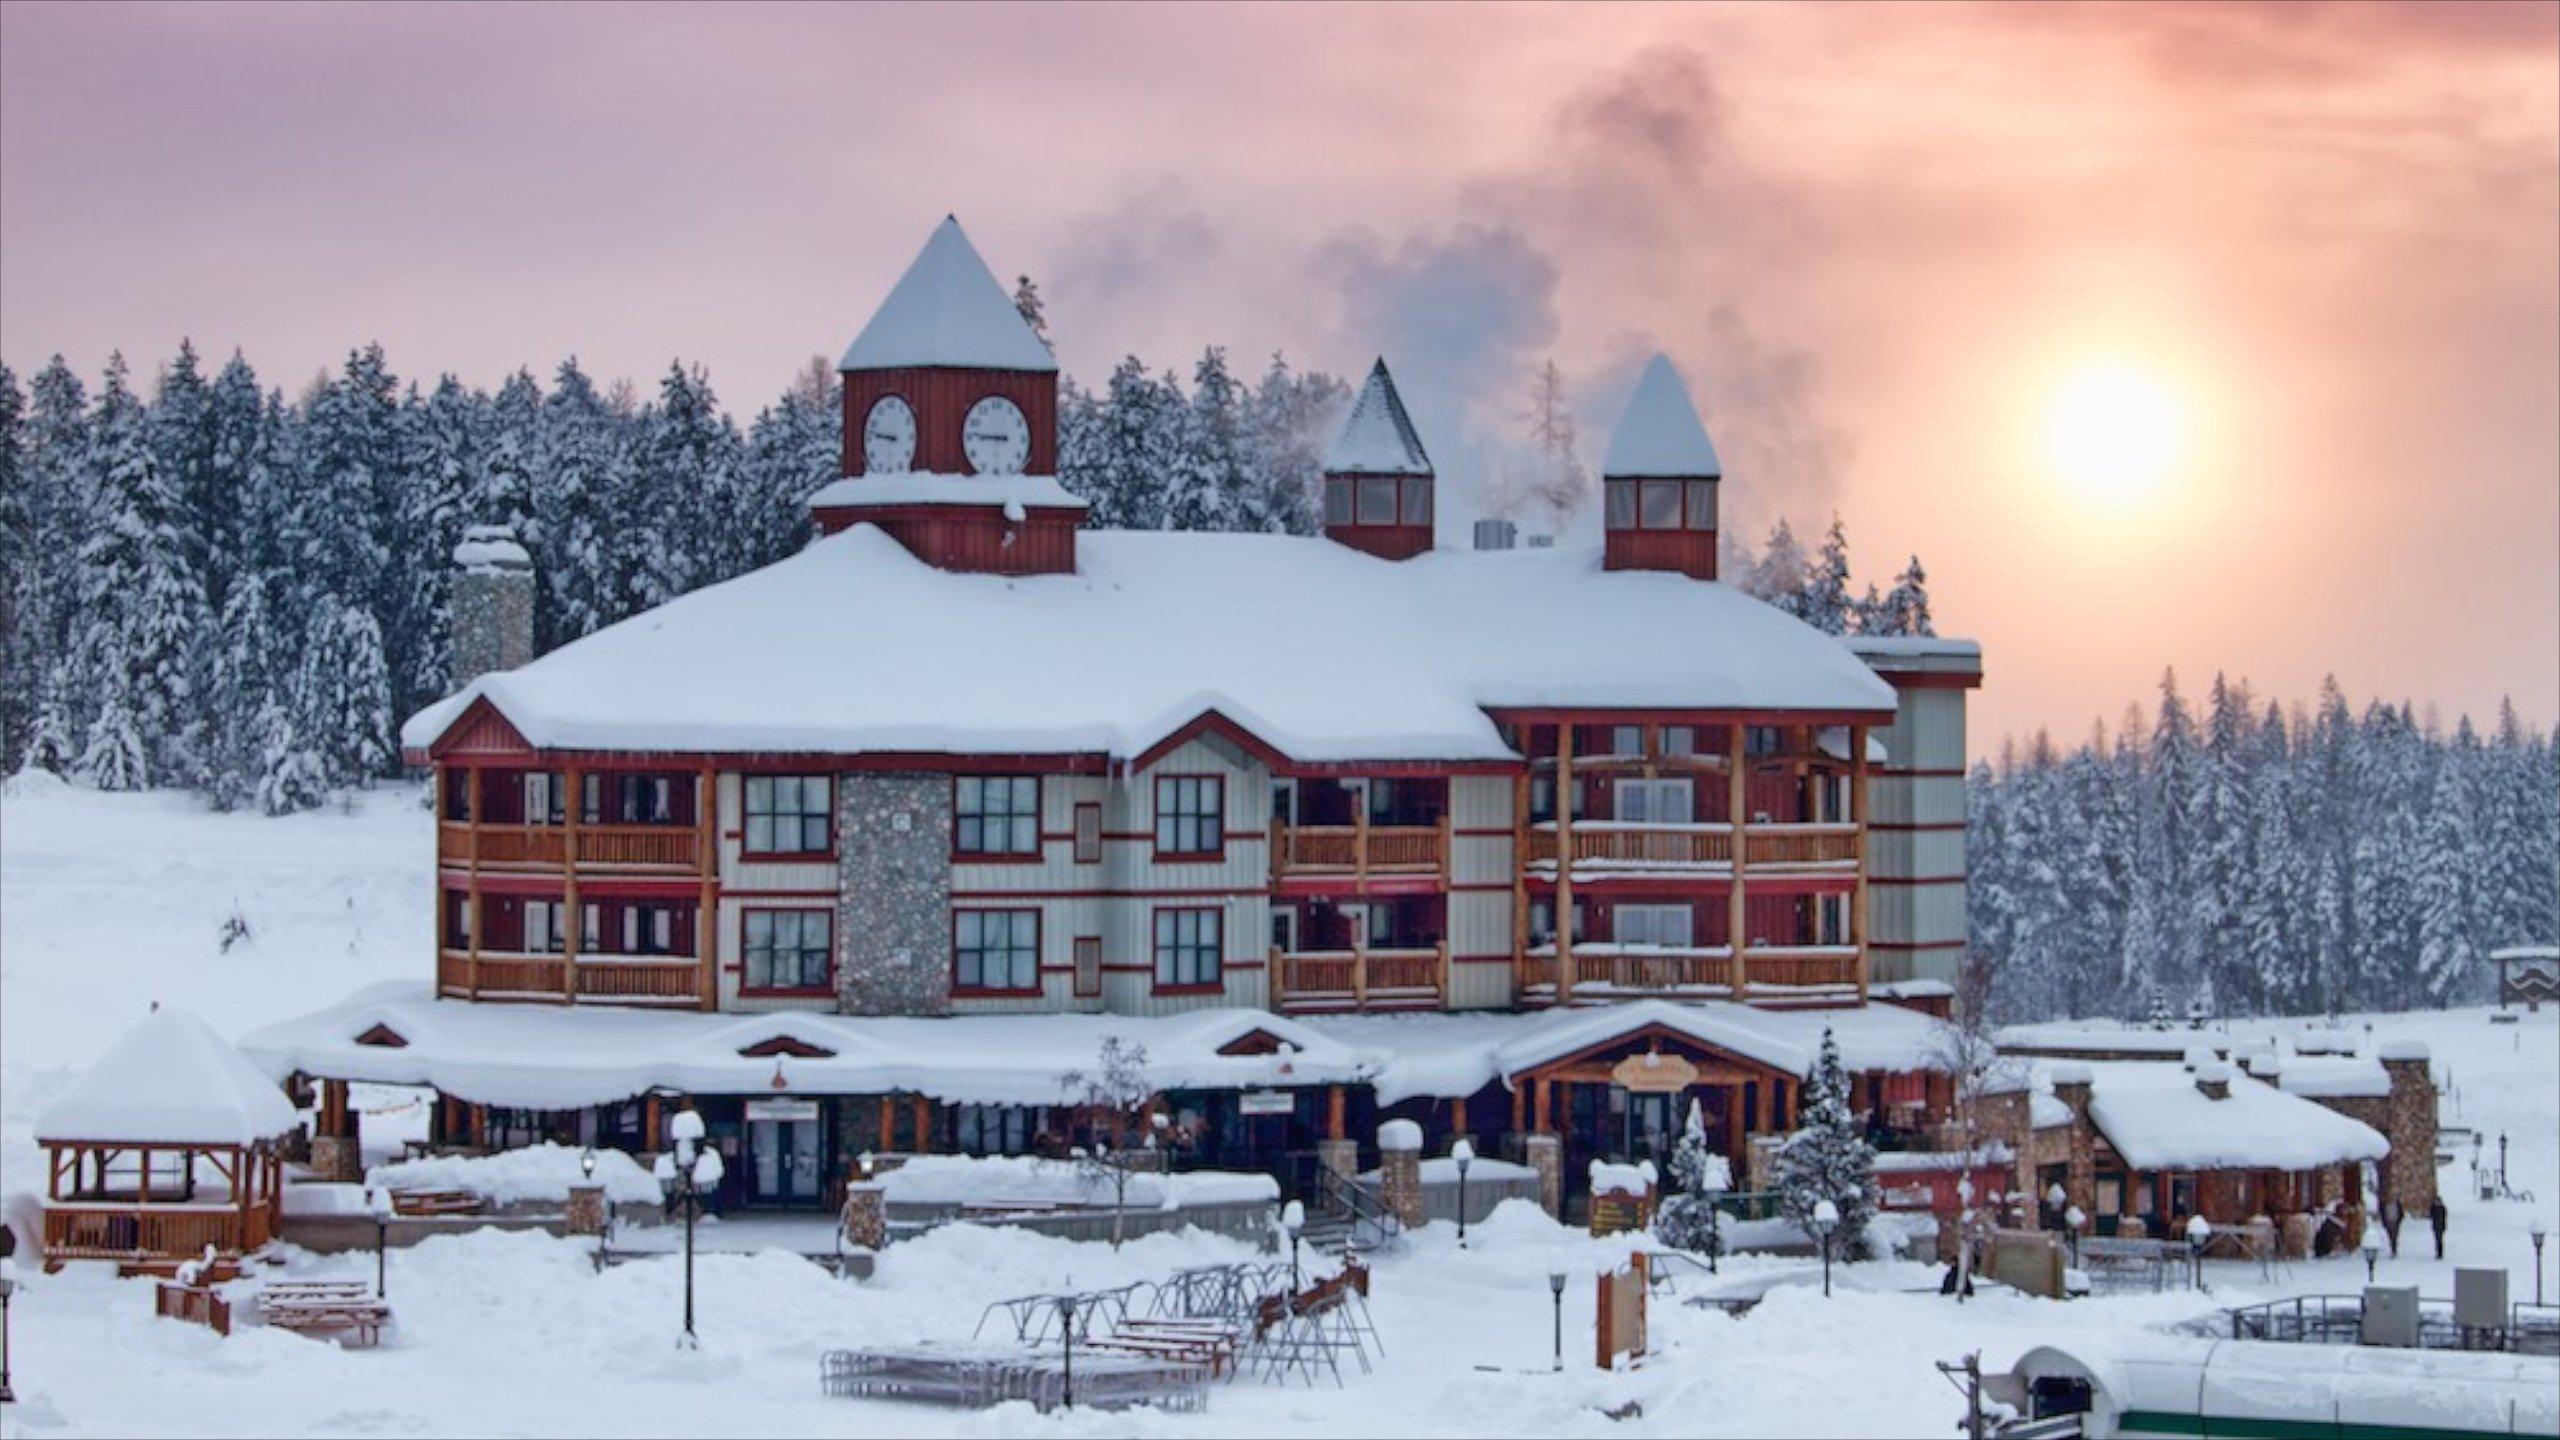 Kimberley Alpine Resort, Kimberley, British Columbia, Canada